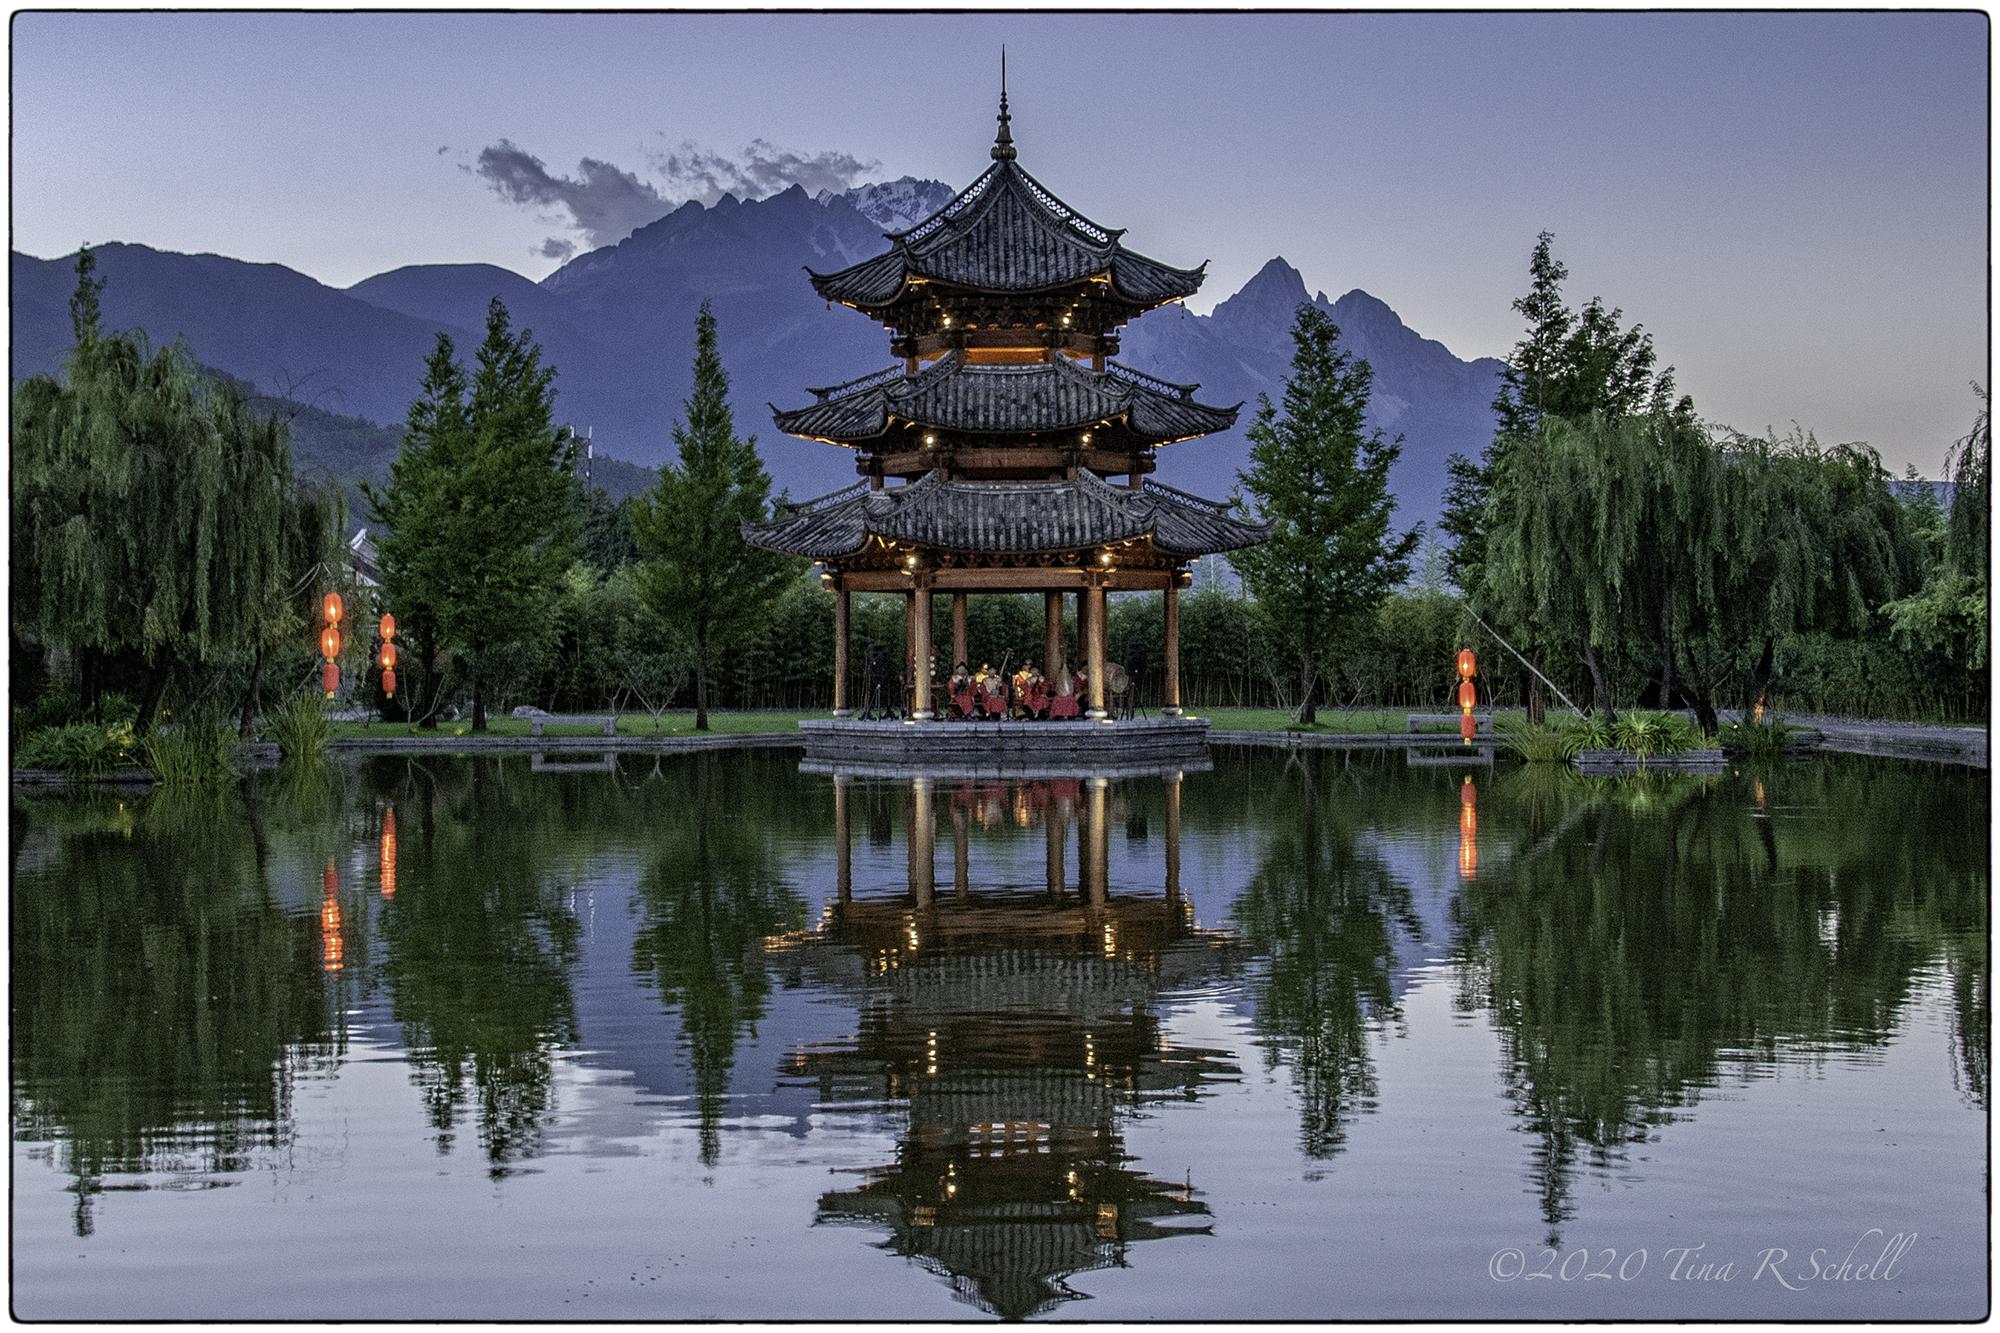 pagoda, reflection, symmetry, china